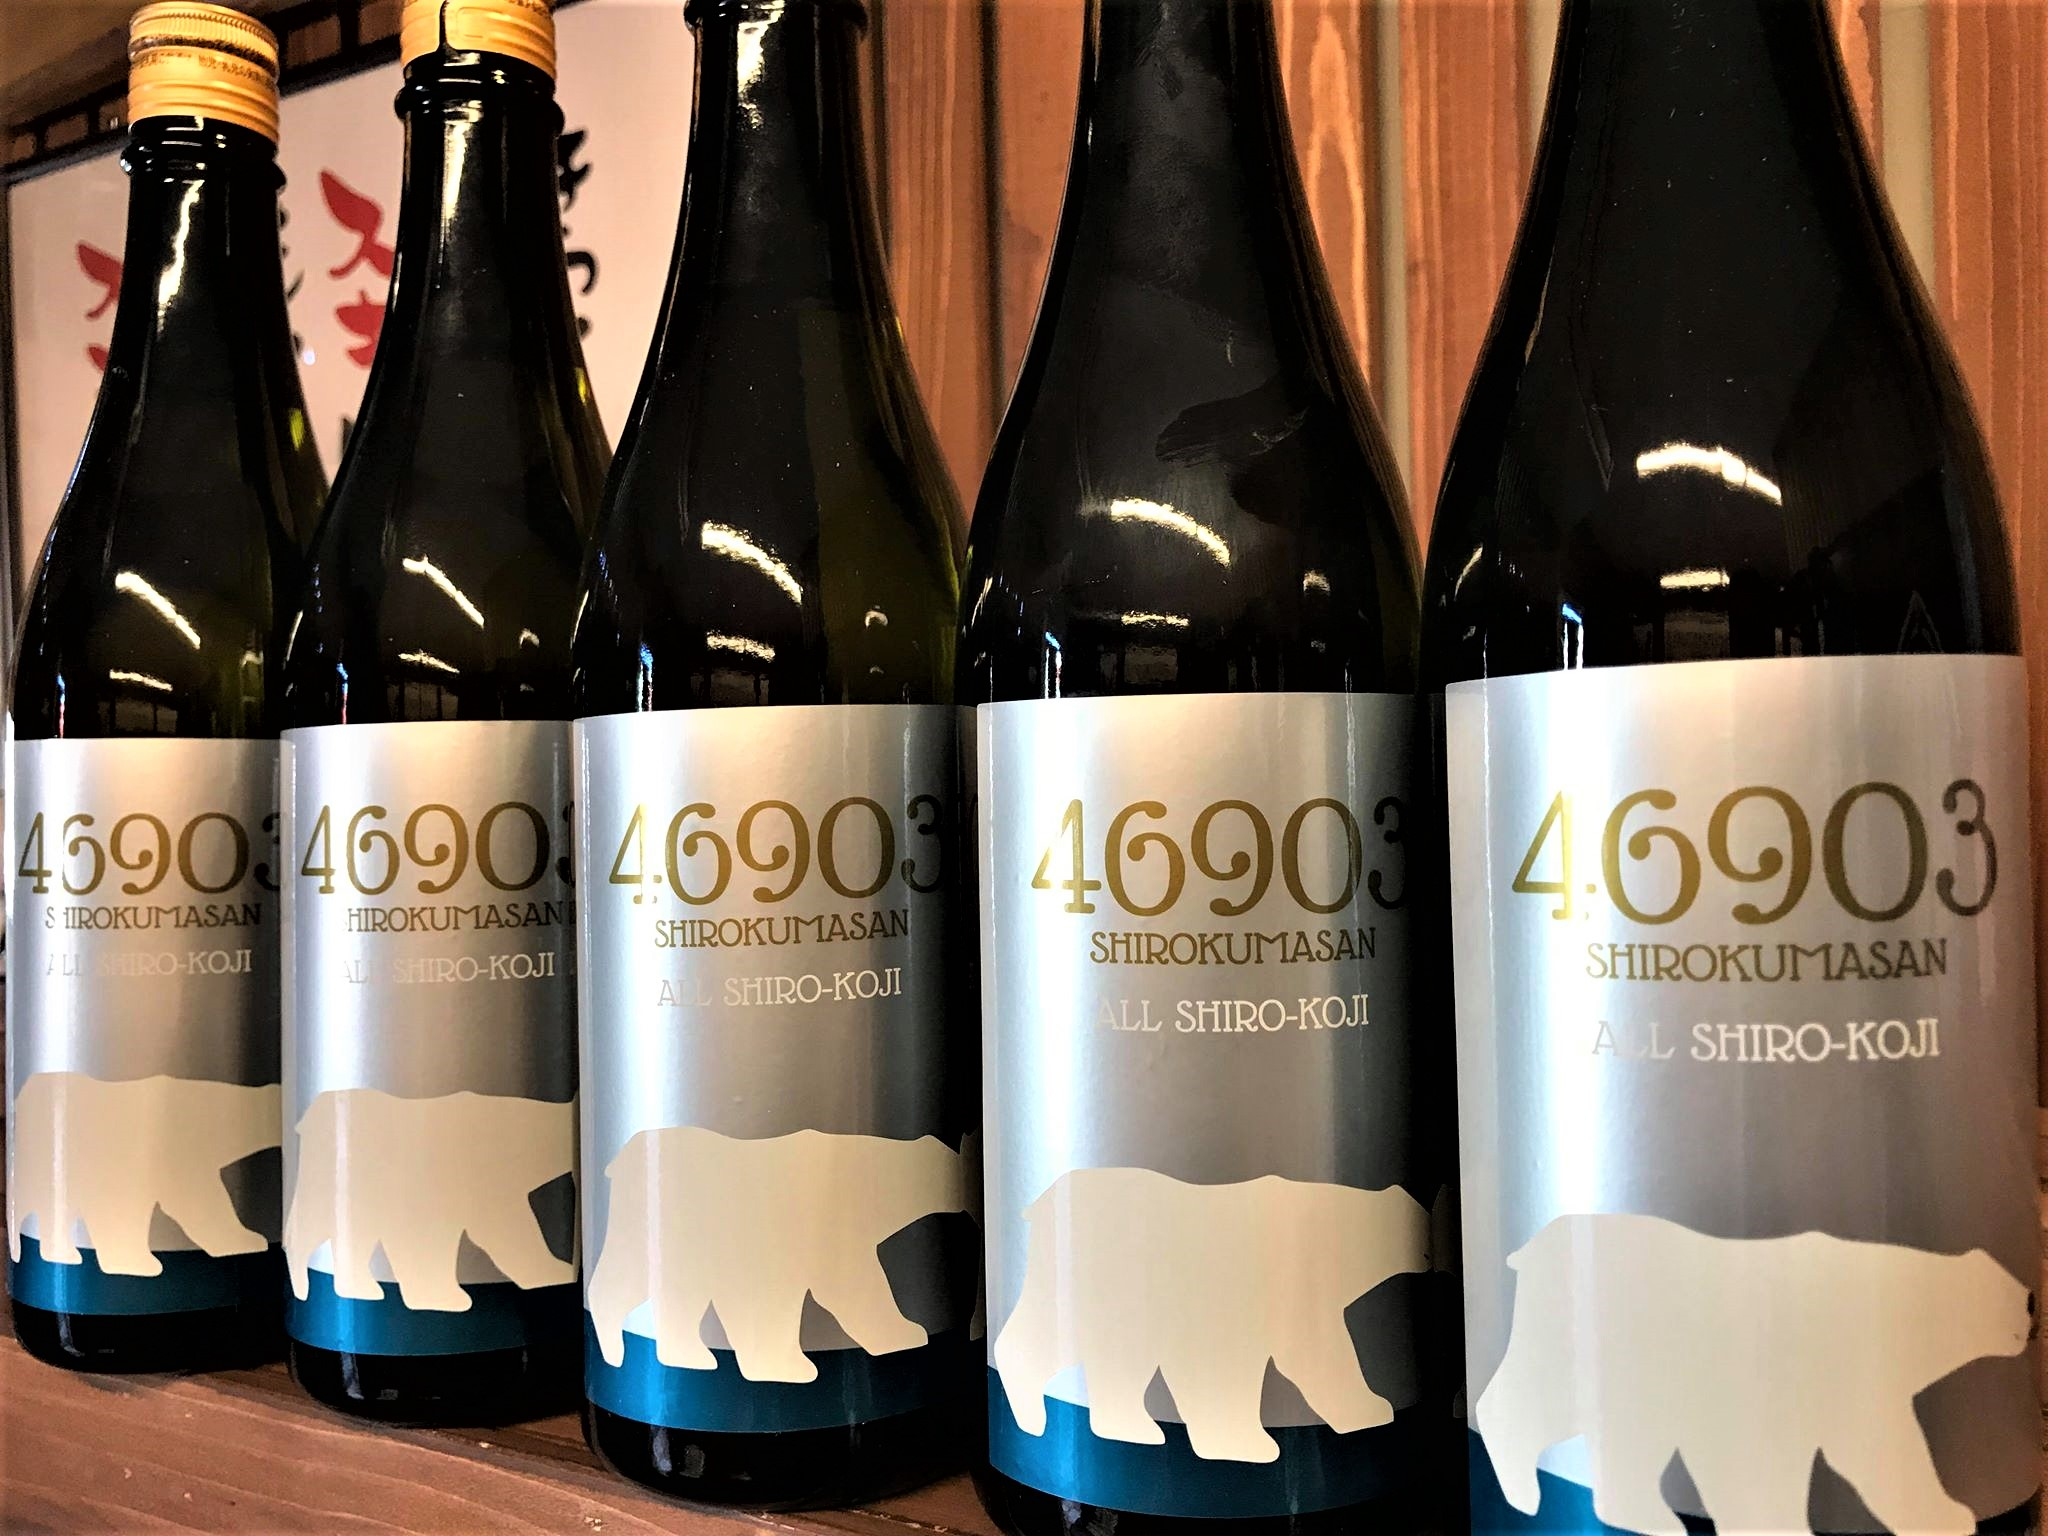 【日本酒】白木久 森のくまさん🐻 瓶囲い純米酒 46903 SHIROKUMASAN 限定 30BY🆕_e0173738_1151349.jpg